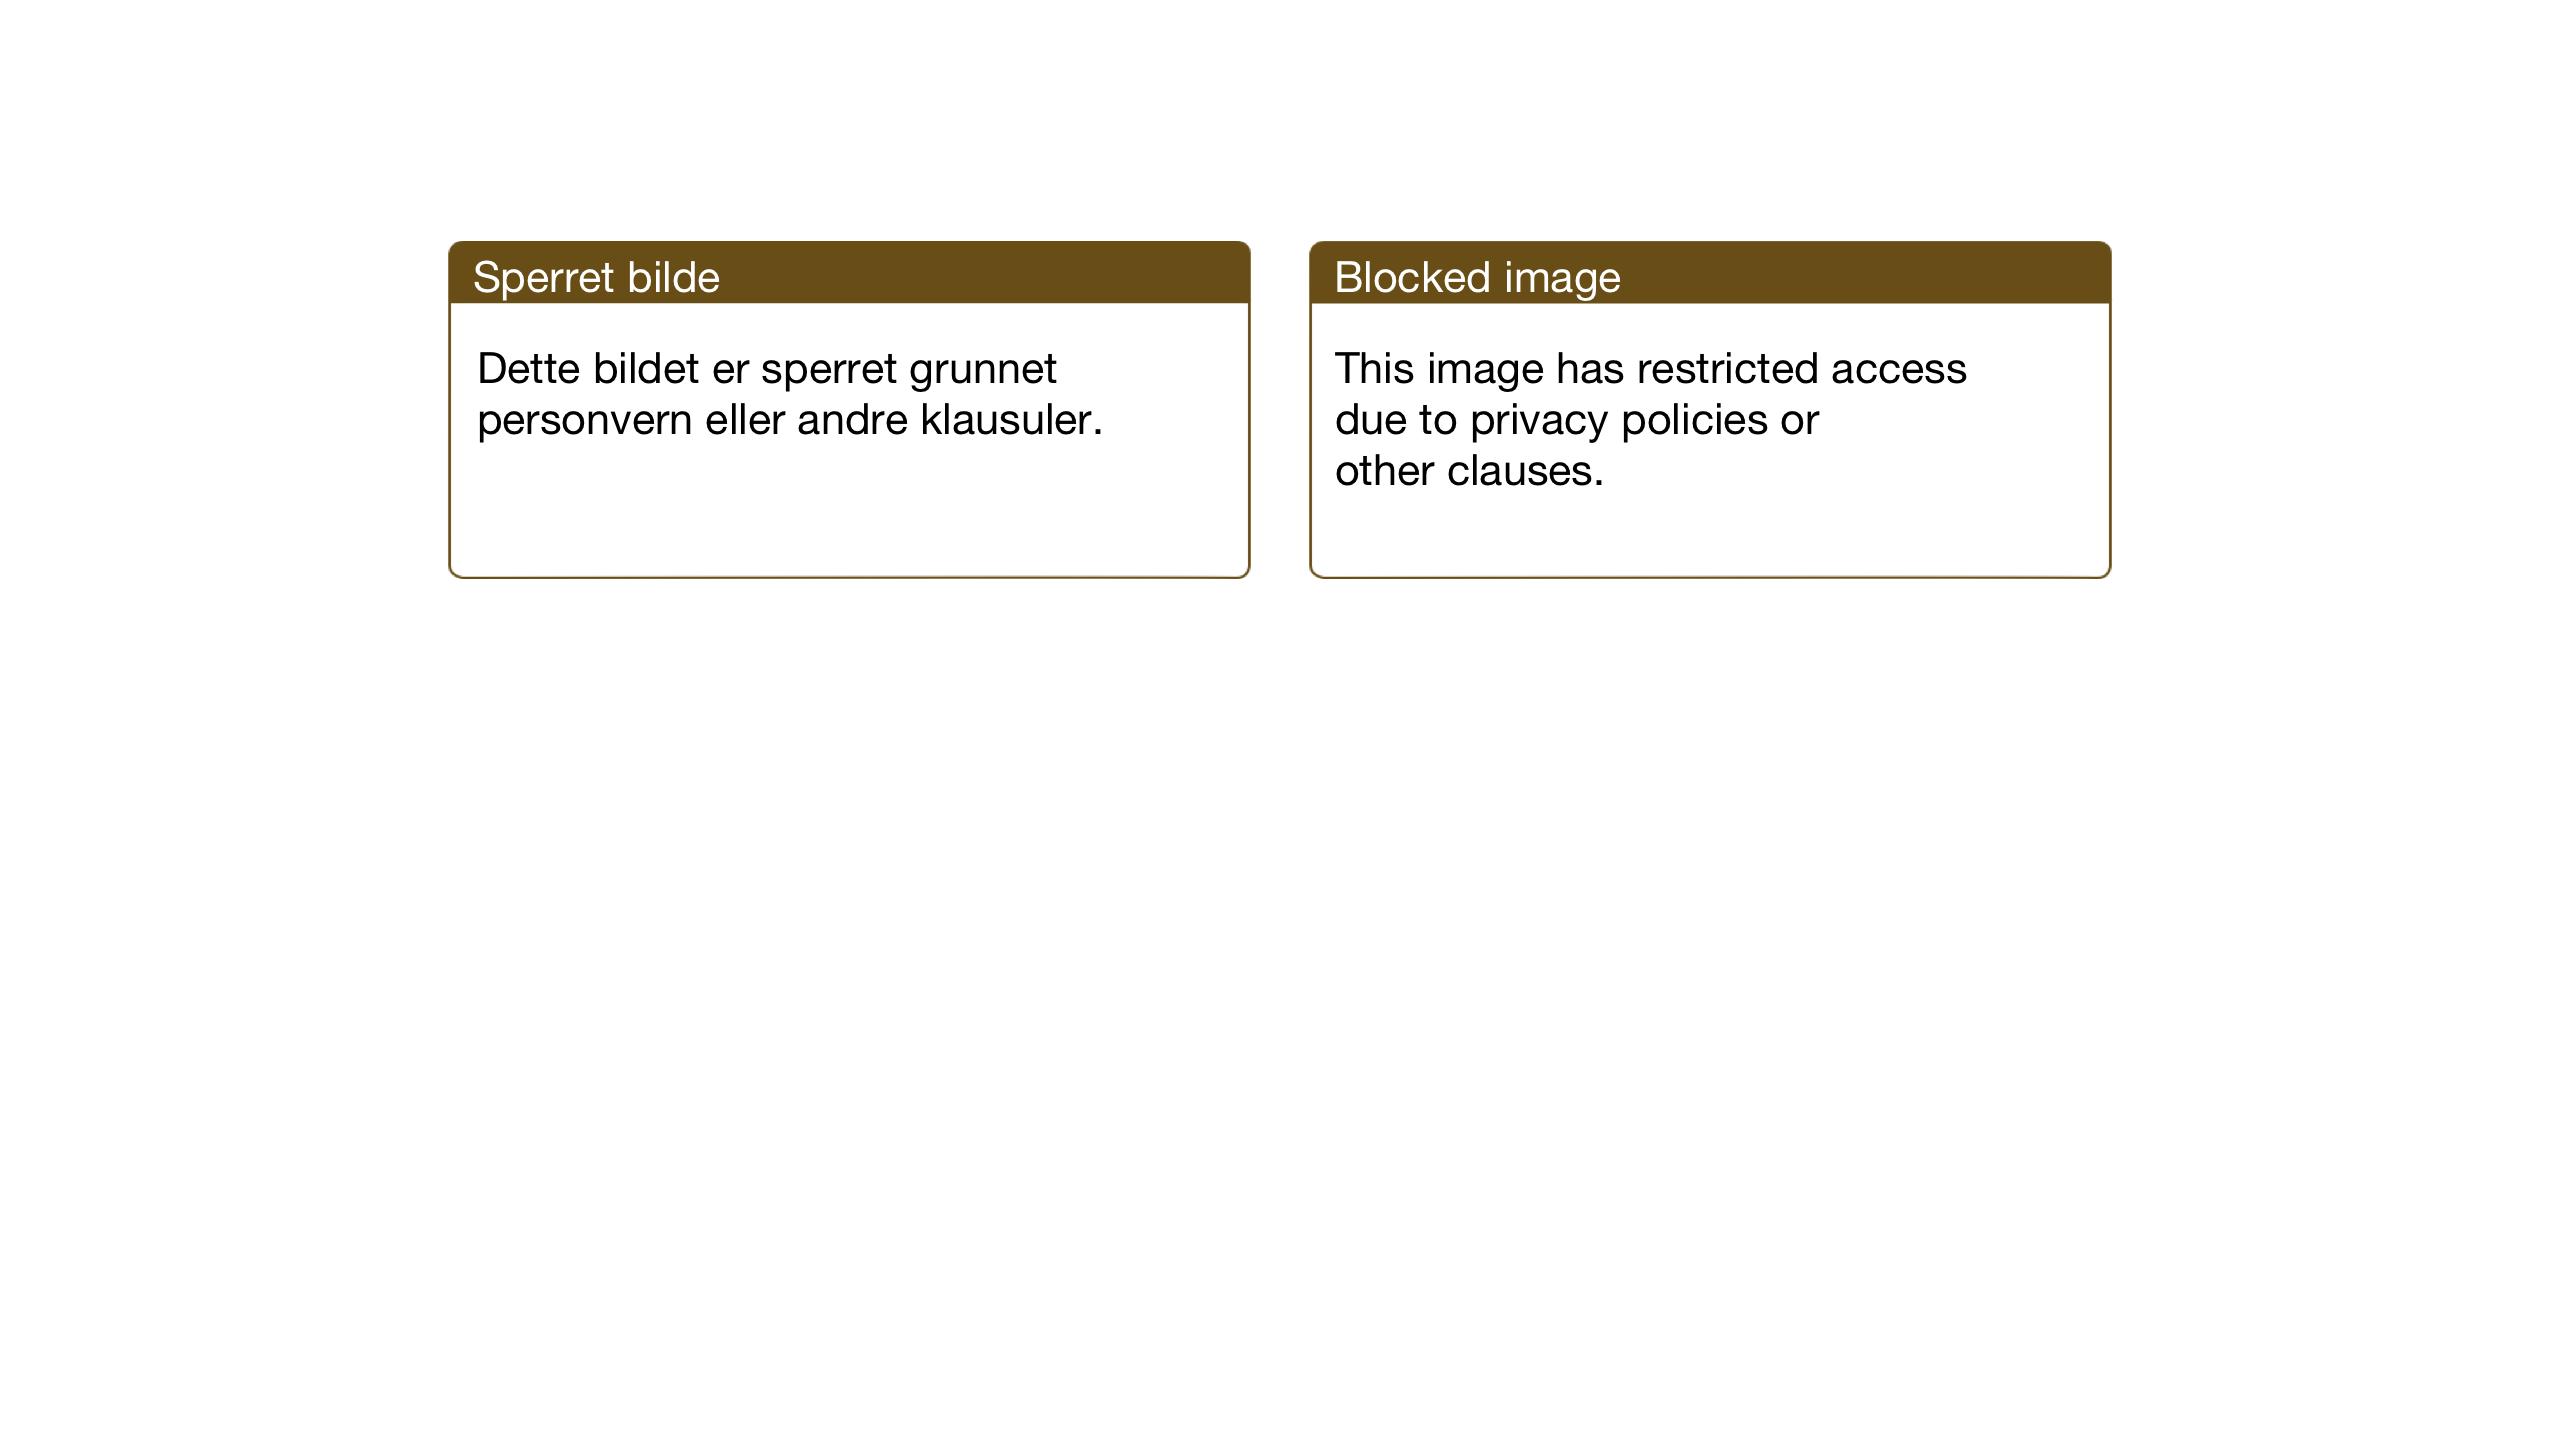 SAT, Ministerialprotokoller, klokkerbøker og fødselsregistre - Nord-Trøndelag, 770/L0592: Klokkerbok nr. 770C03, 1941-1950, s. 38